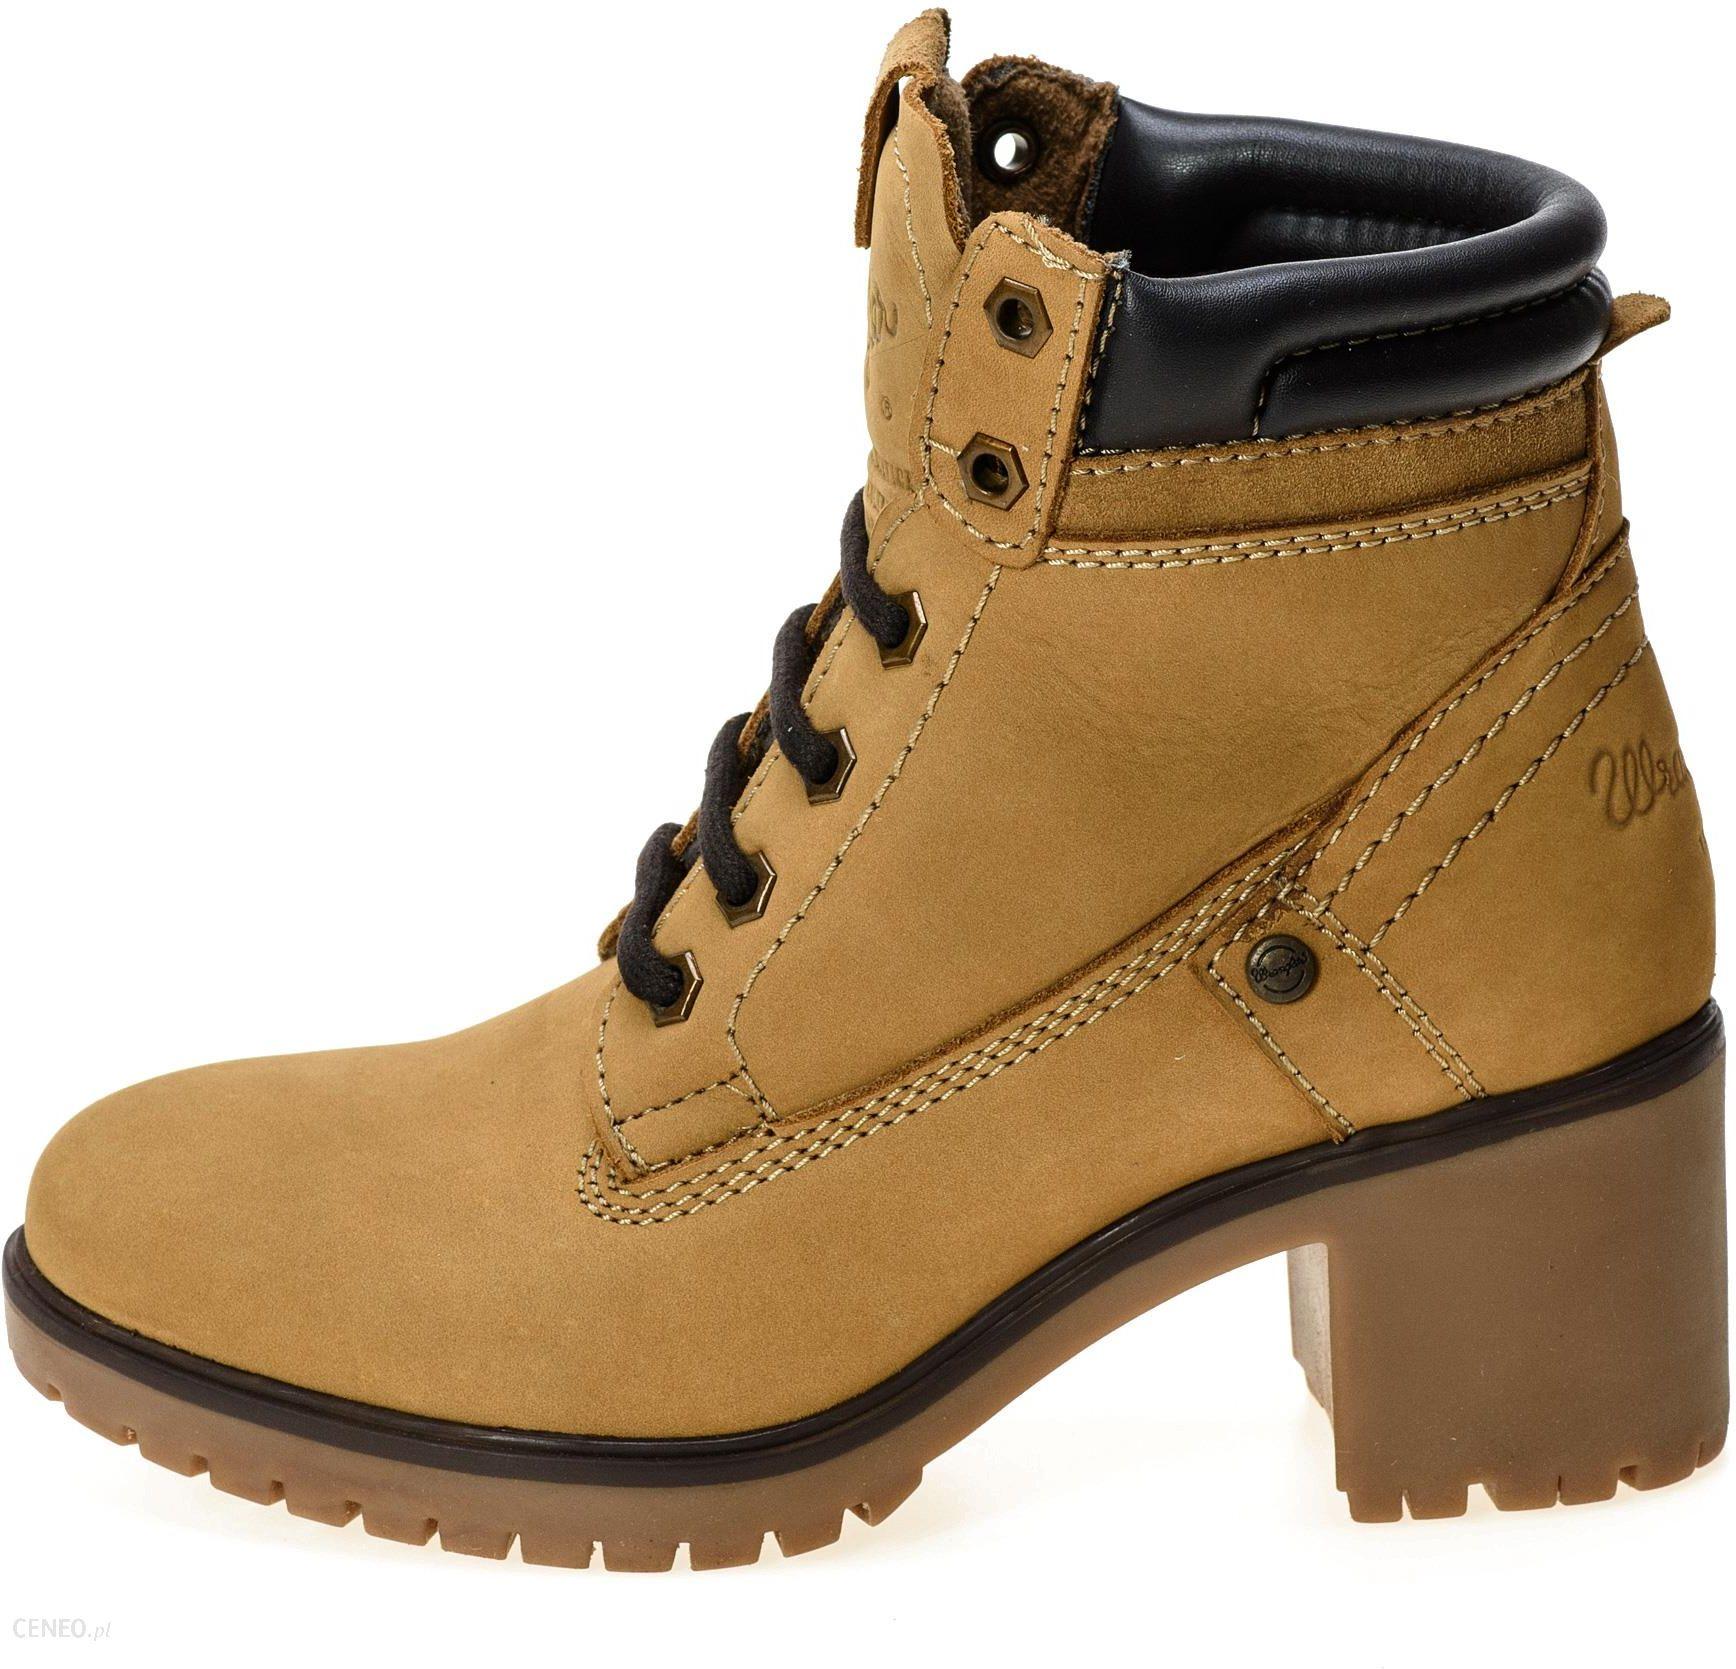 6c59b186c9cc7 Wrangler botki damskie Sierra Nubuck żółte, 37 - Ceny i opinie ...